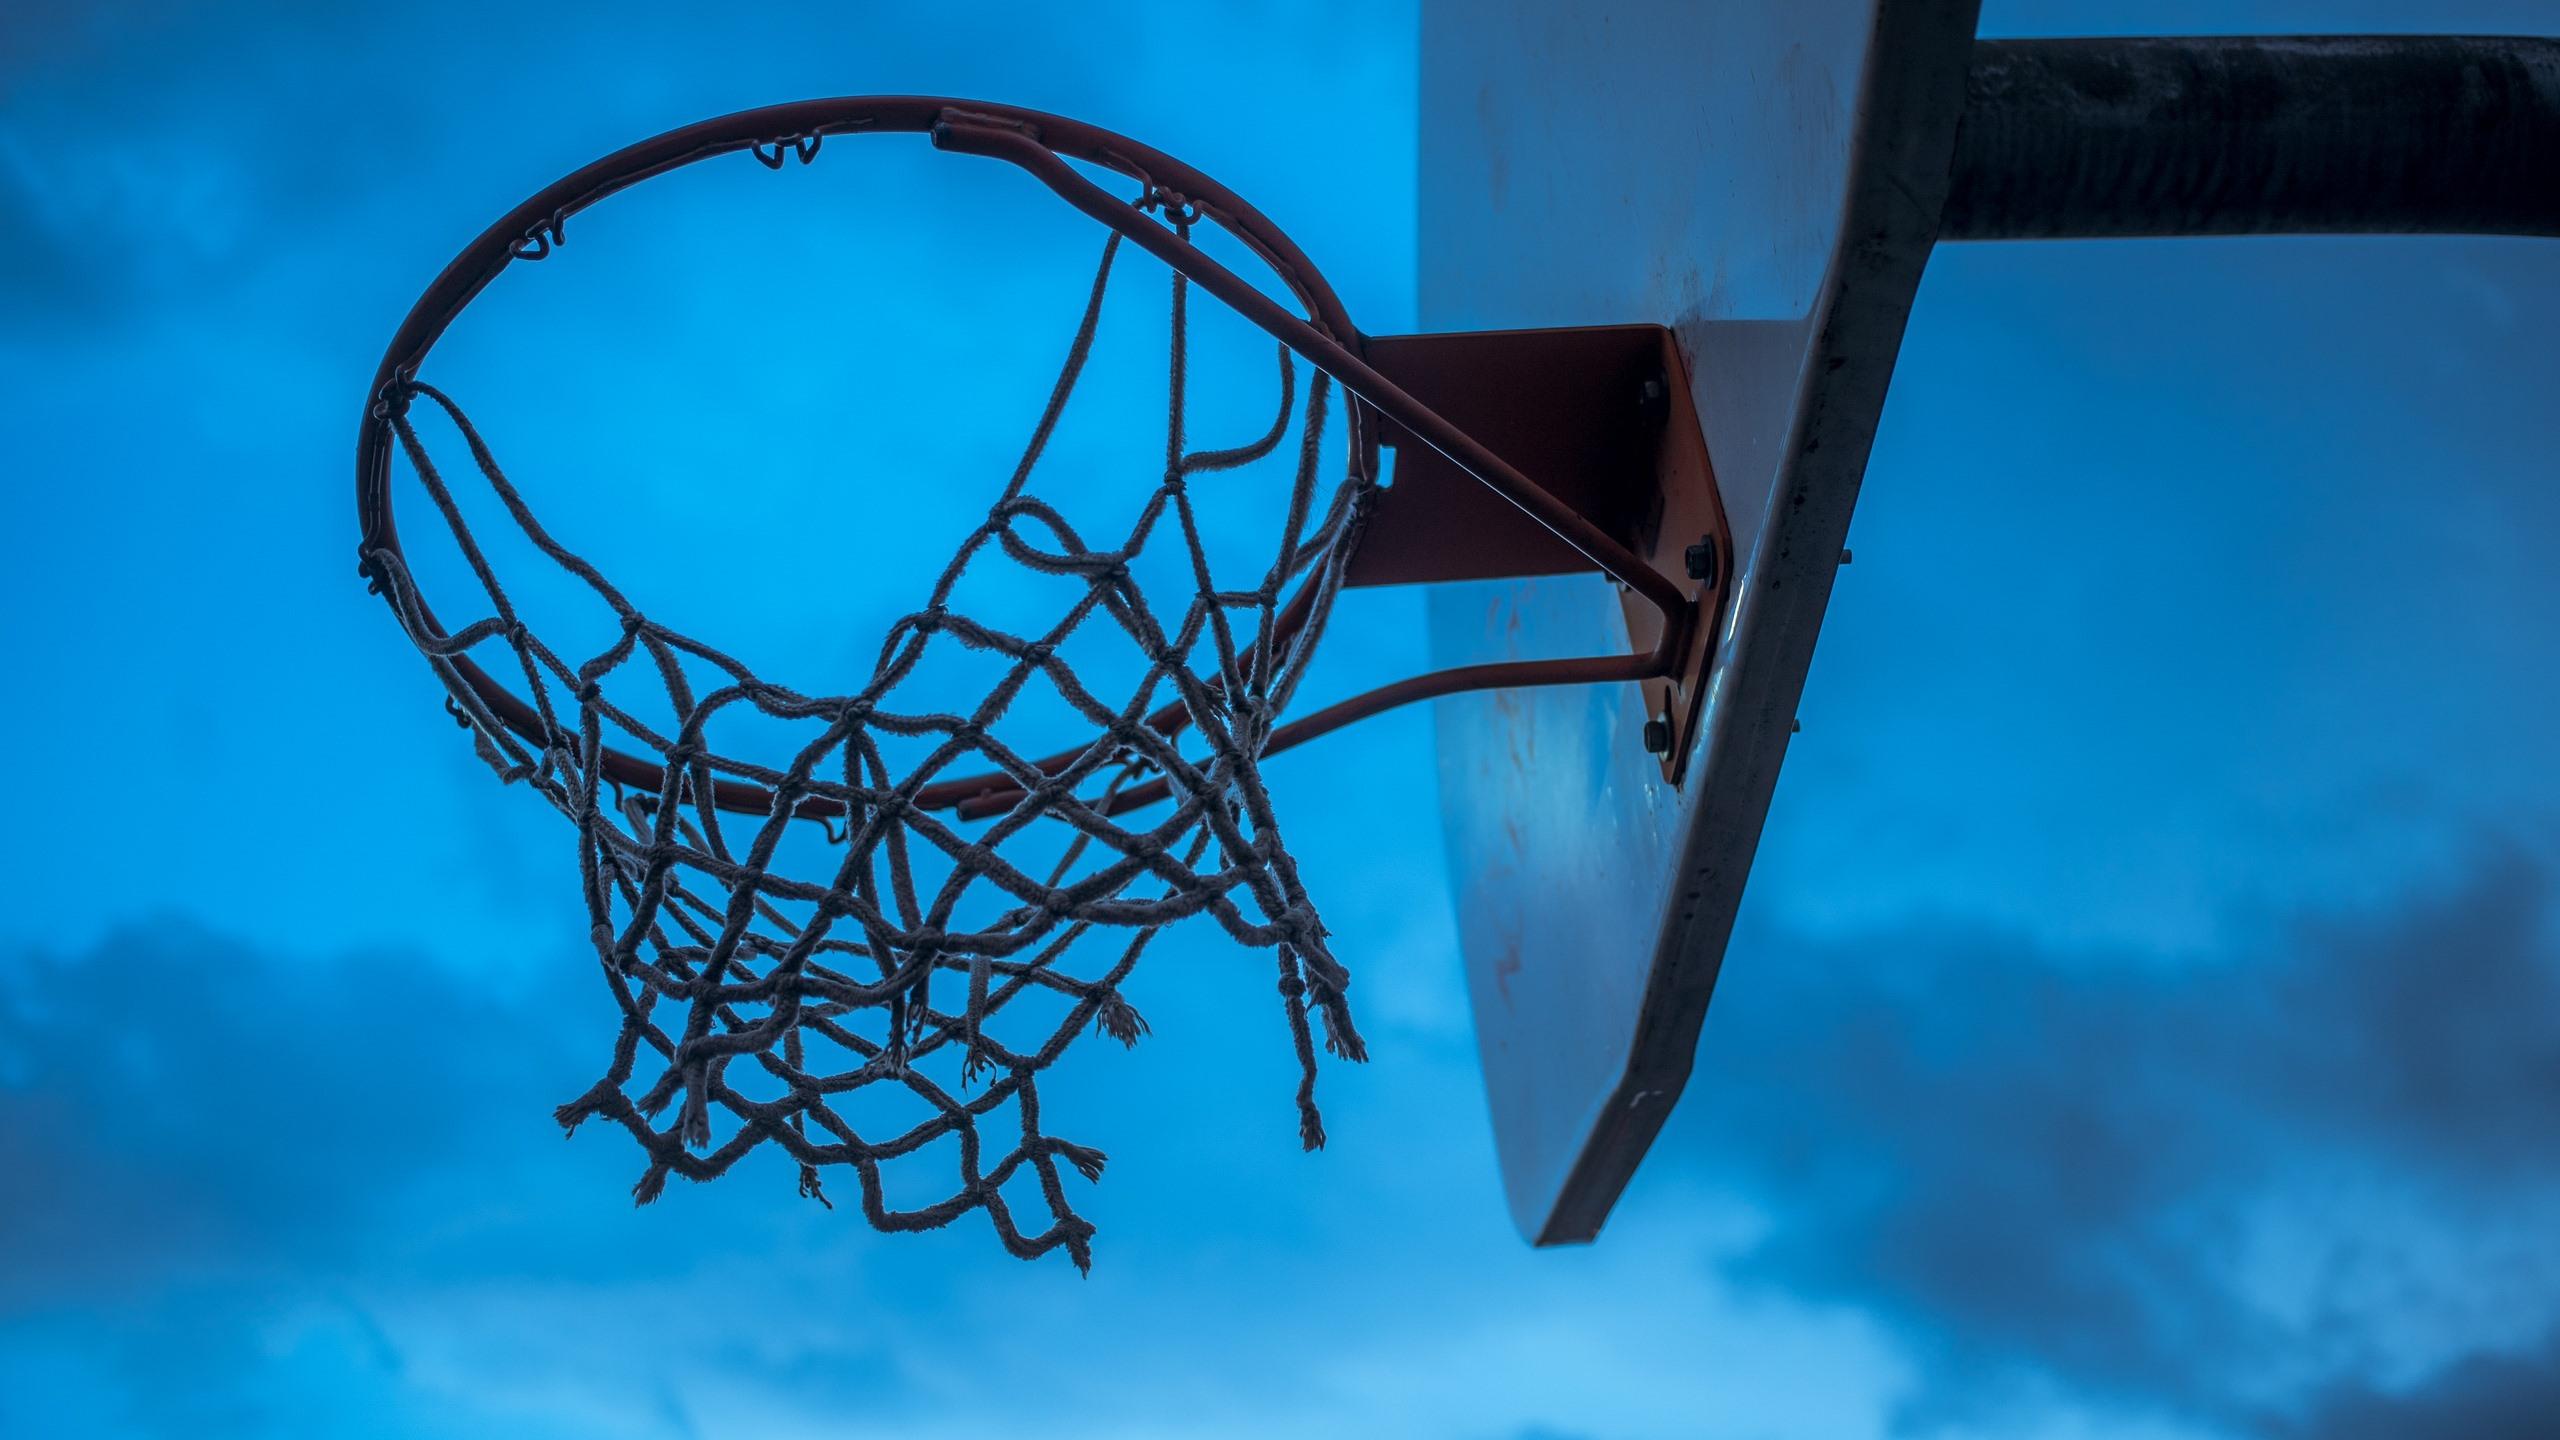 壁紙 バスケットボール ネット 青空 2560x1600 Hd 無料の